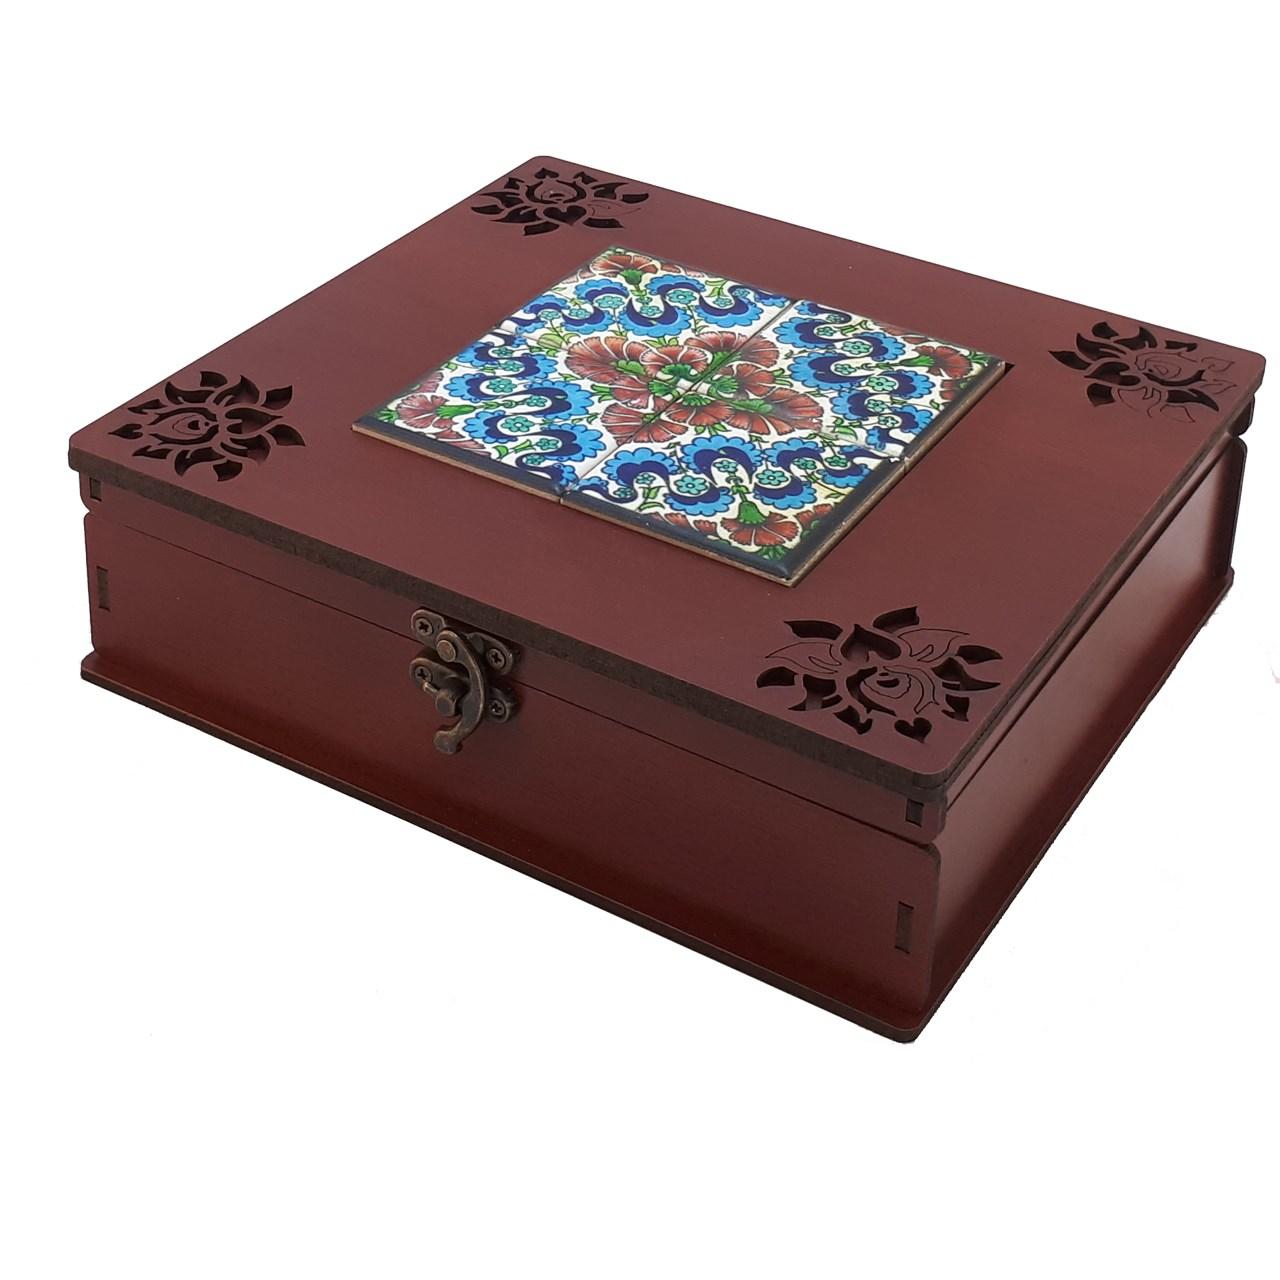 جعبه چای کیسه ای مدل آبرنگ